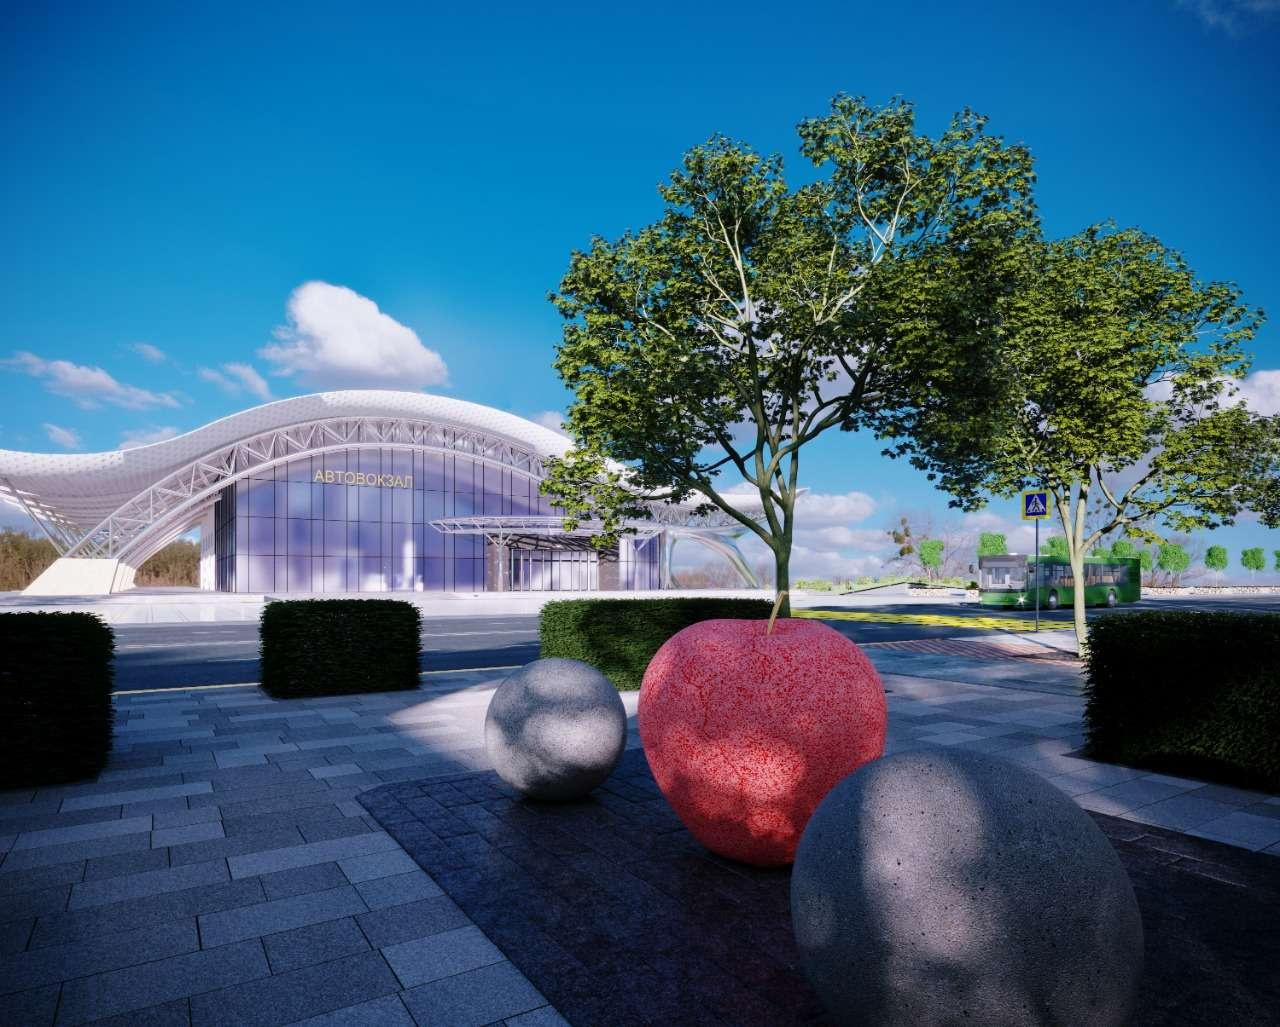 Жителей и гостей Алматы будет встречать с автовокзала символ города - яблоко